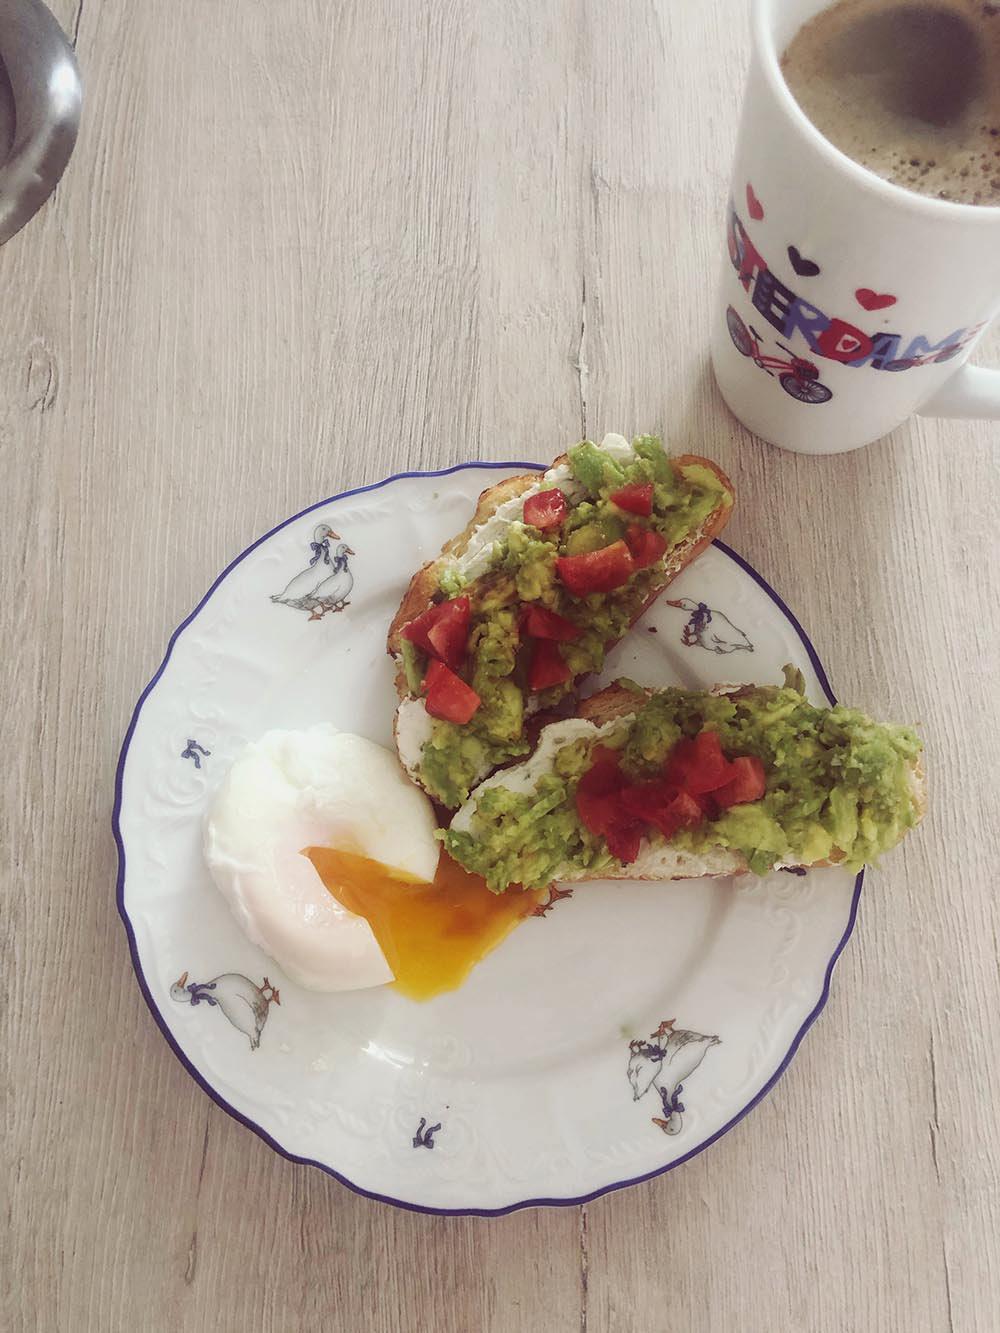 Люблю готовить завтраки